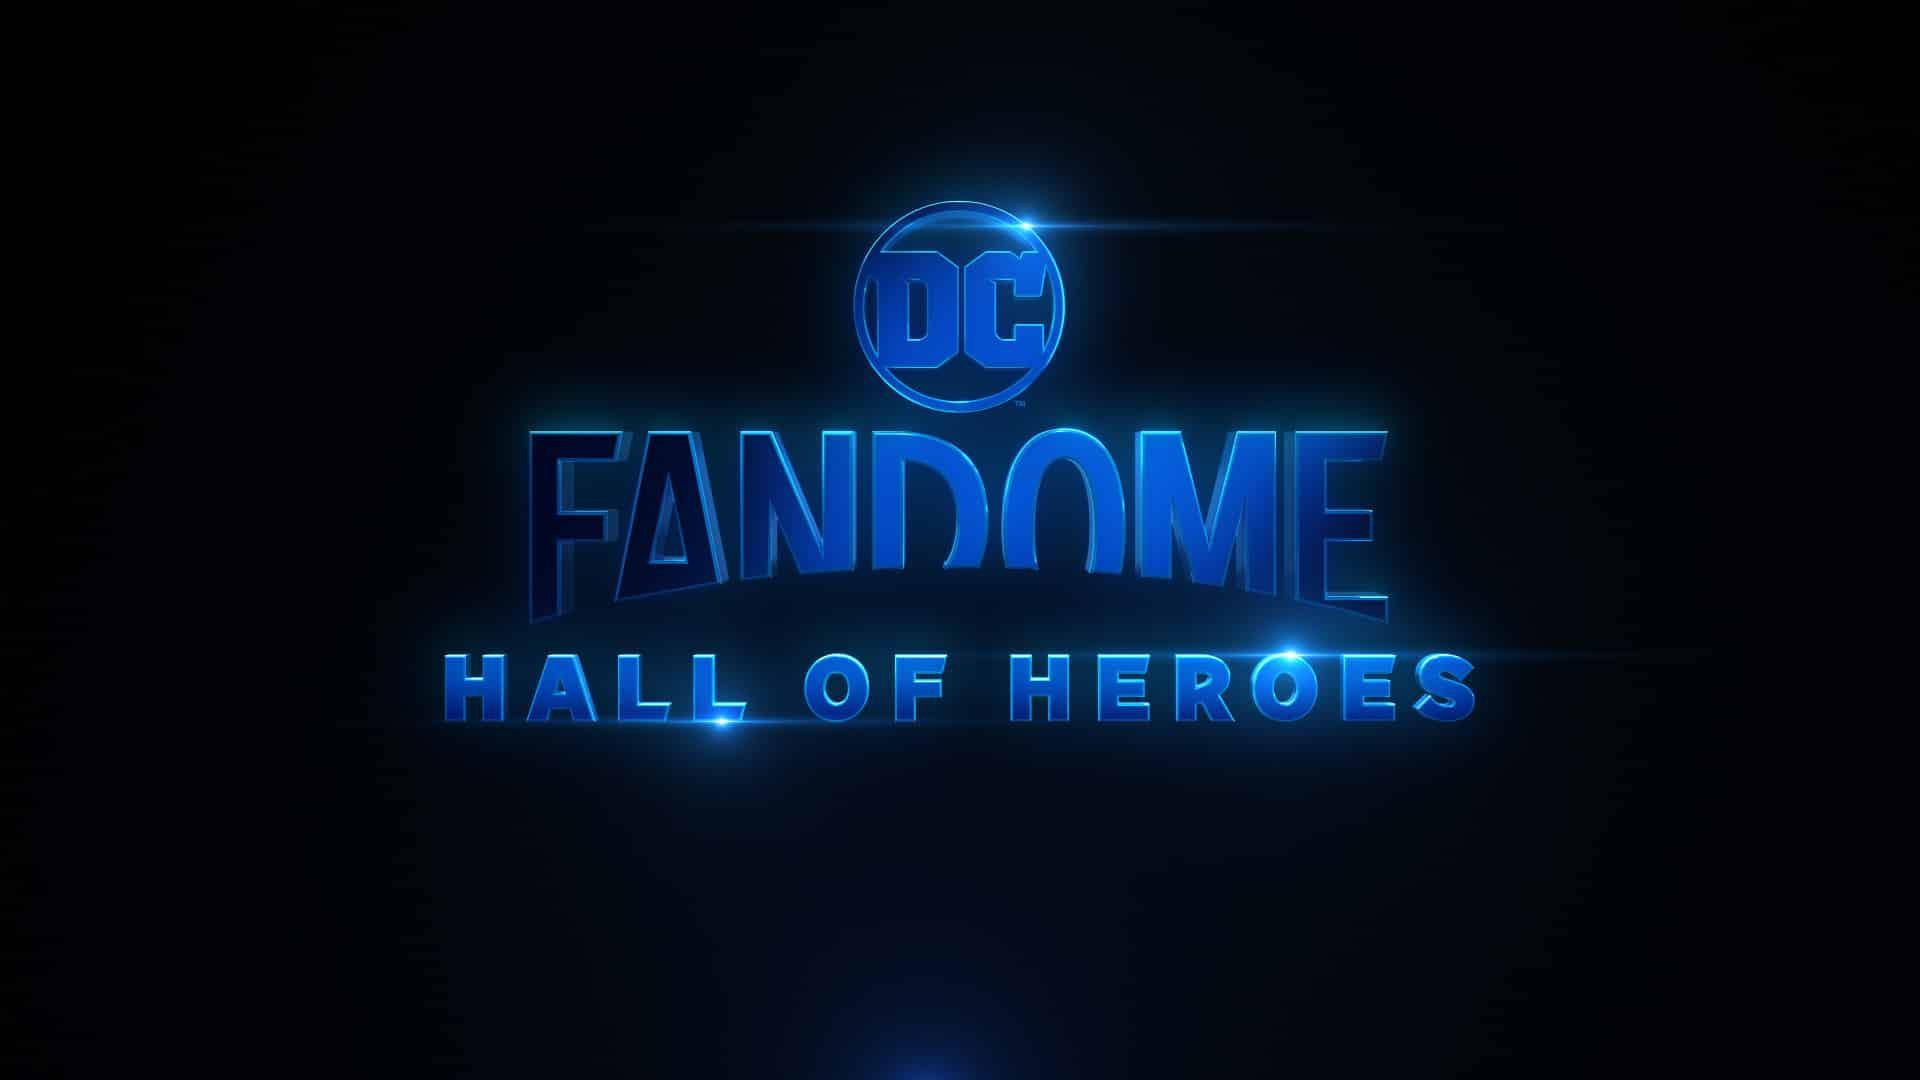 Os anúncios do DC Fandome